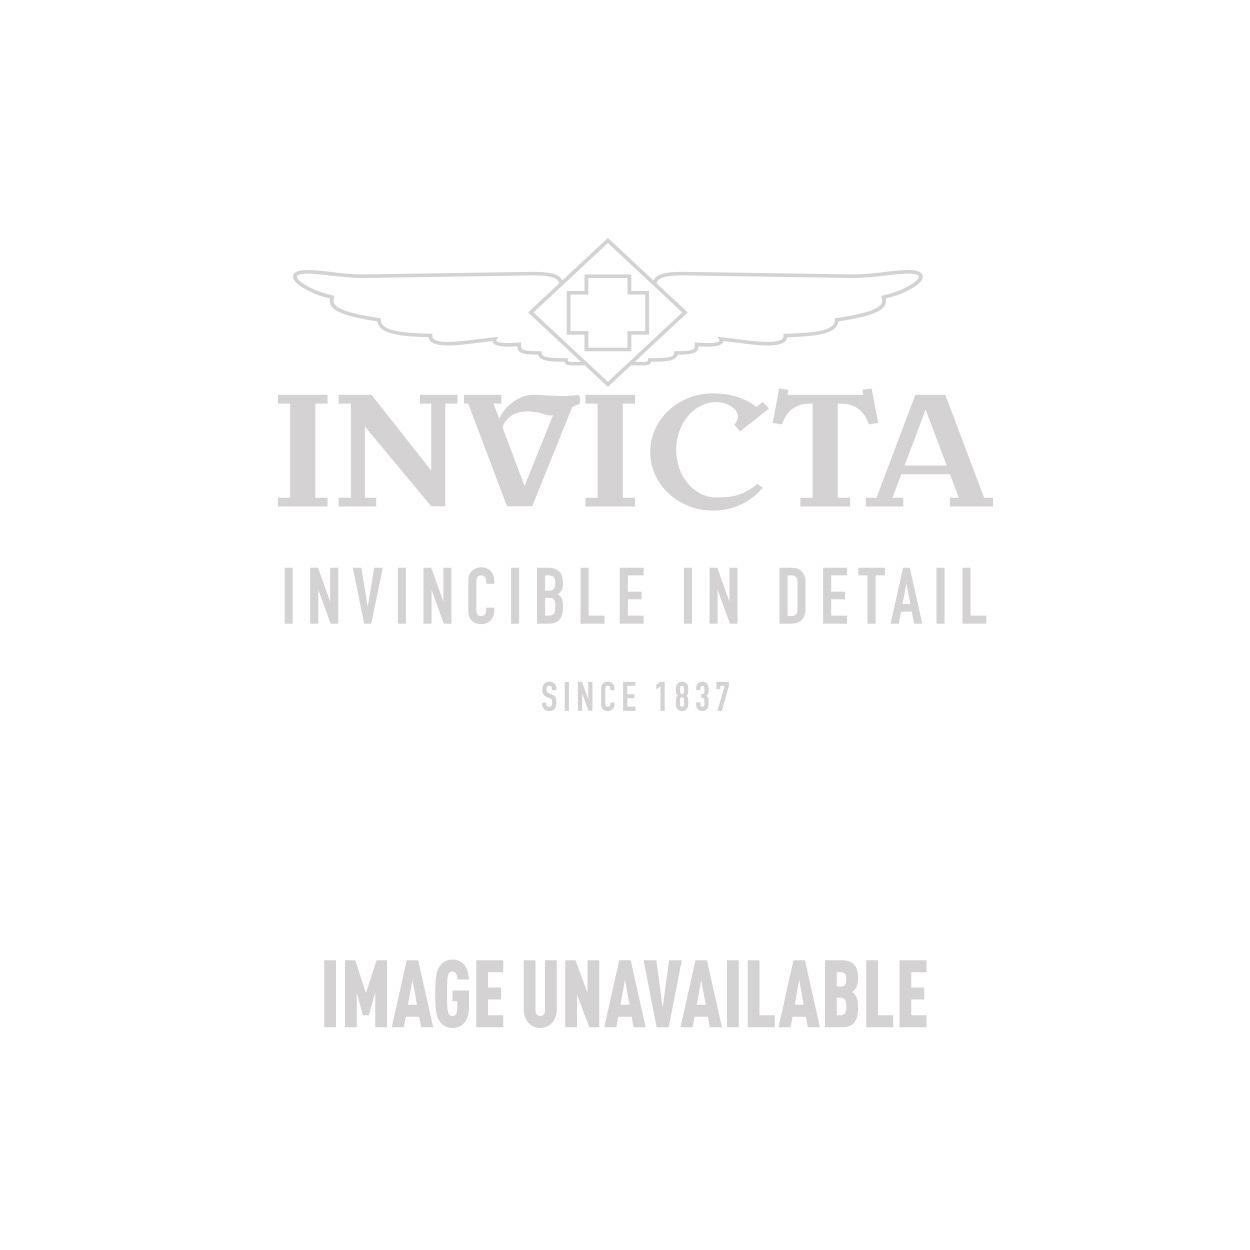 Invicta Model  22185